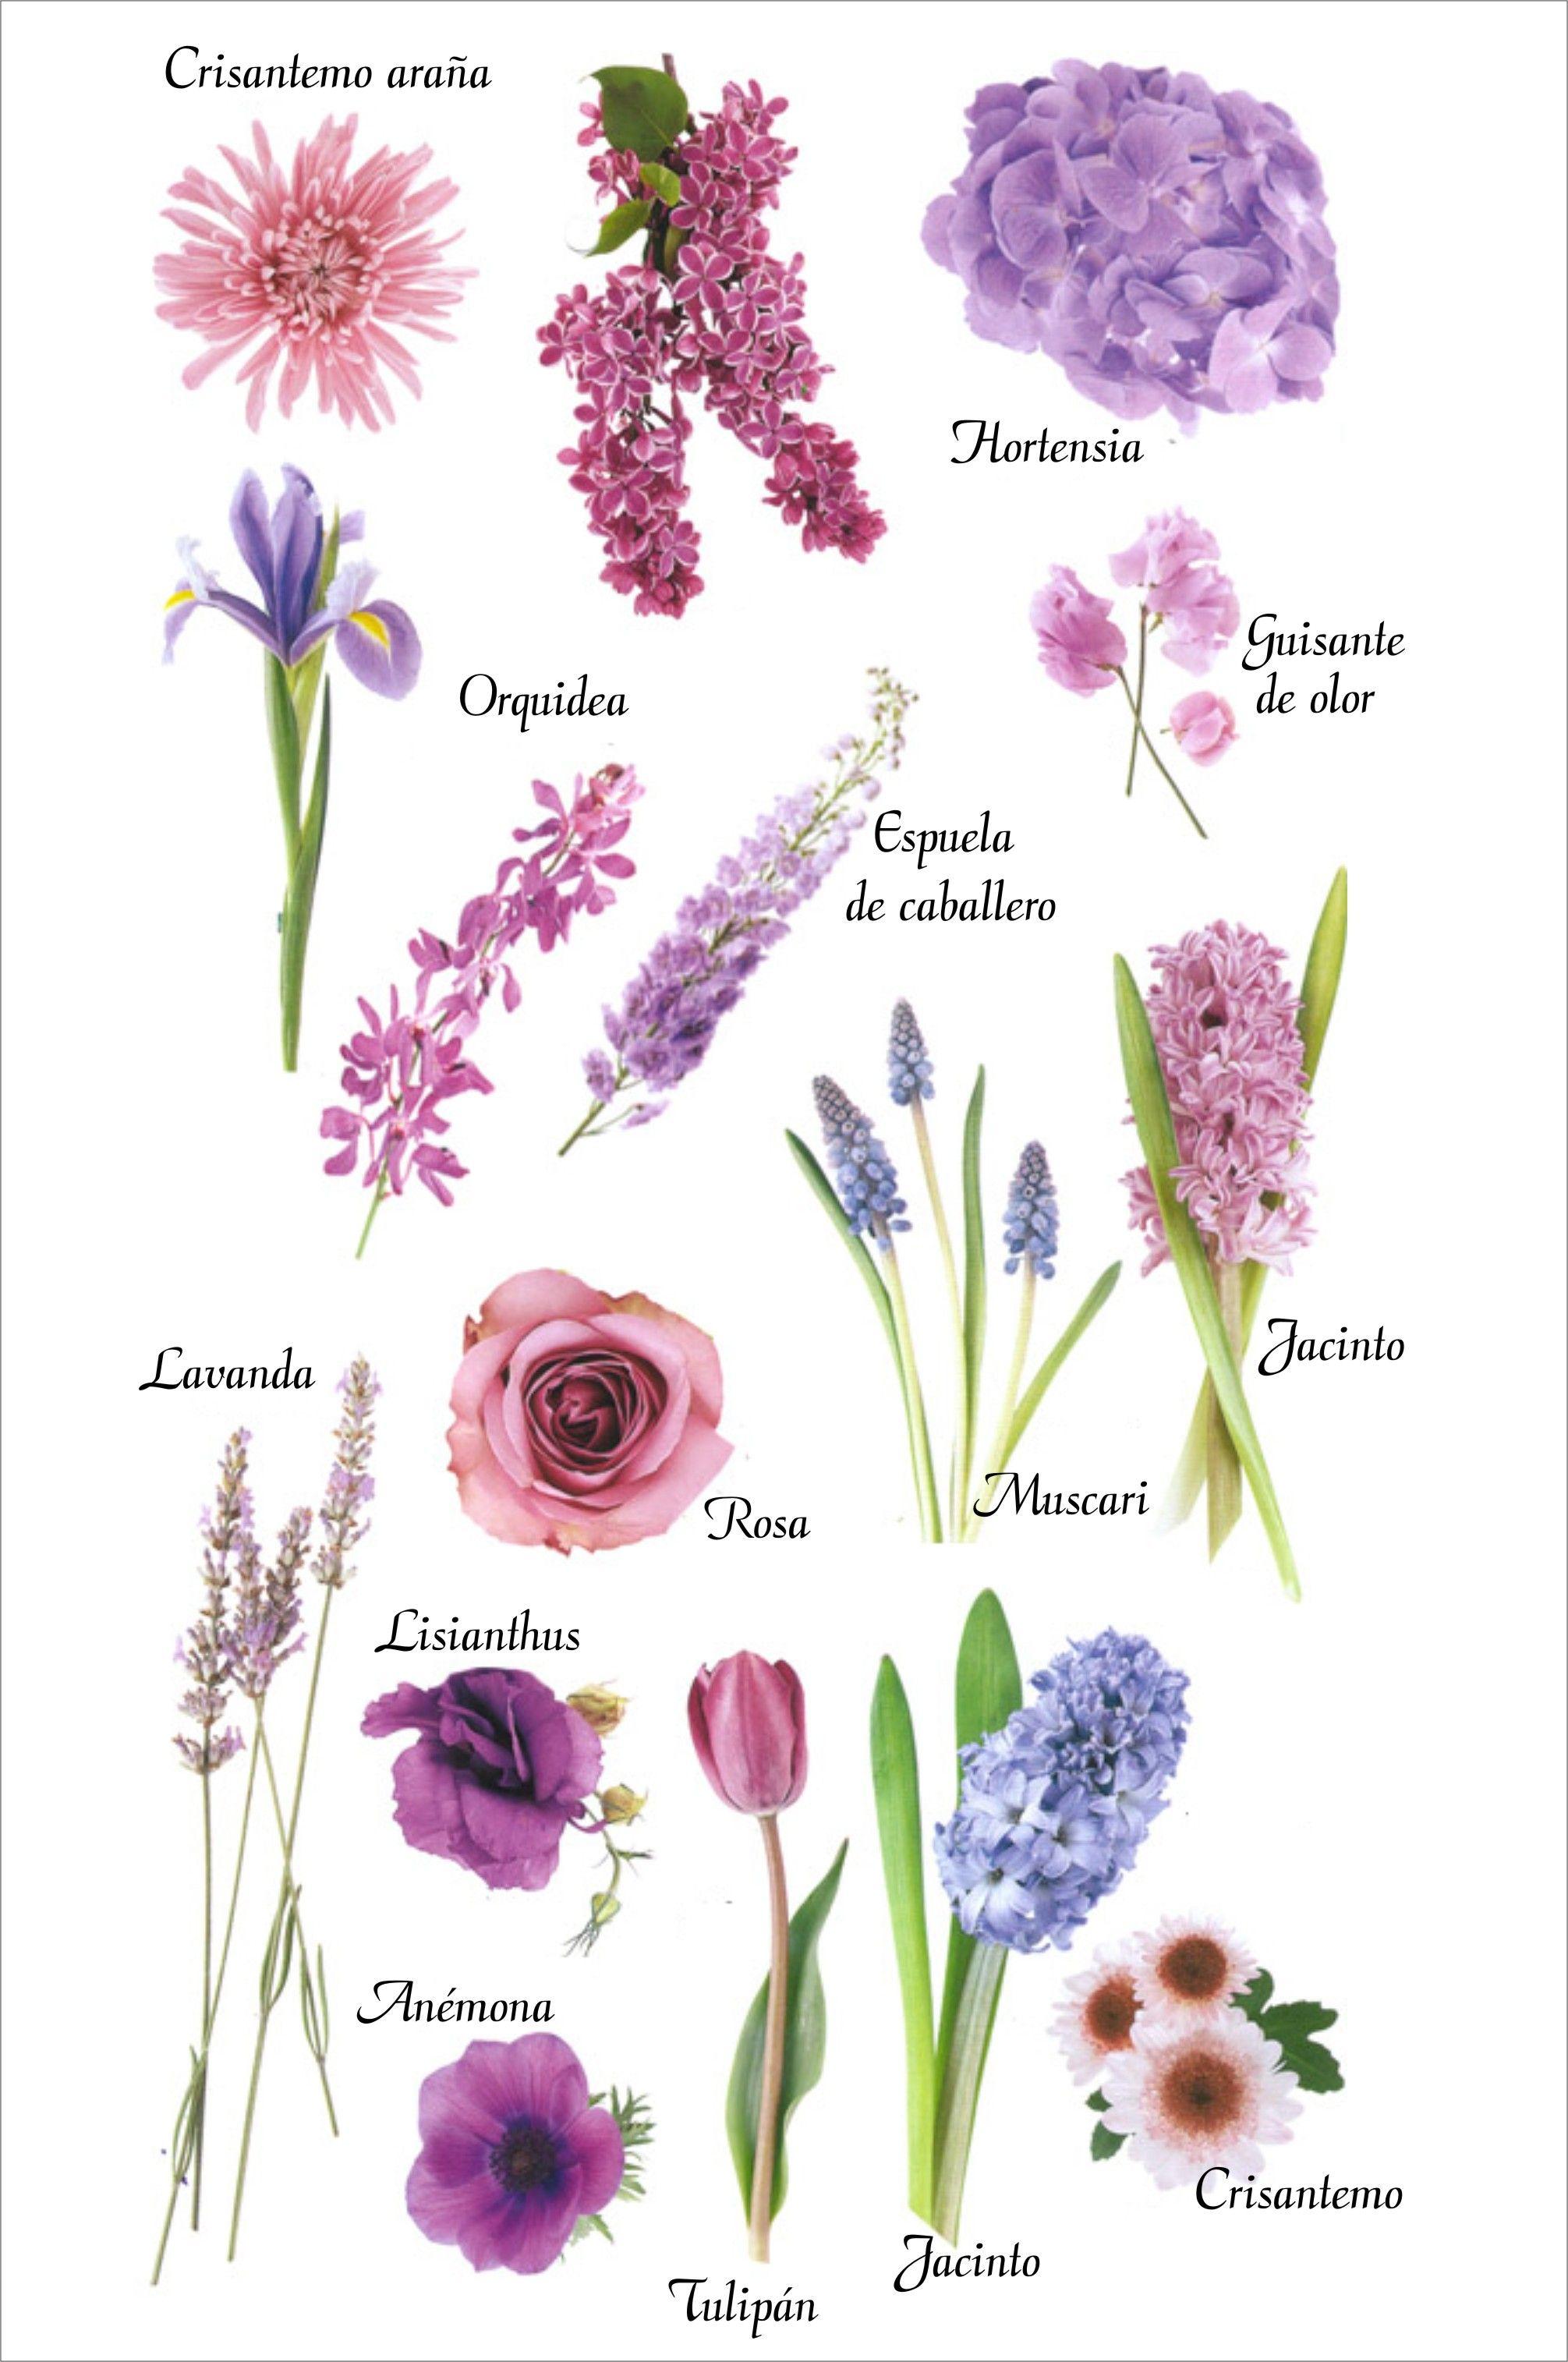 oltre 25 fantastiche idee su flores y sus nombres su